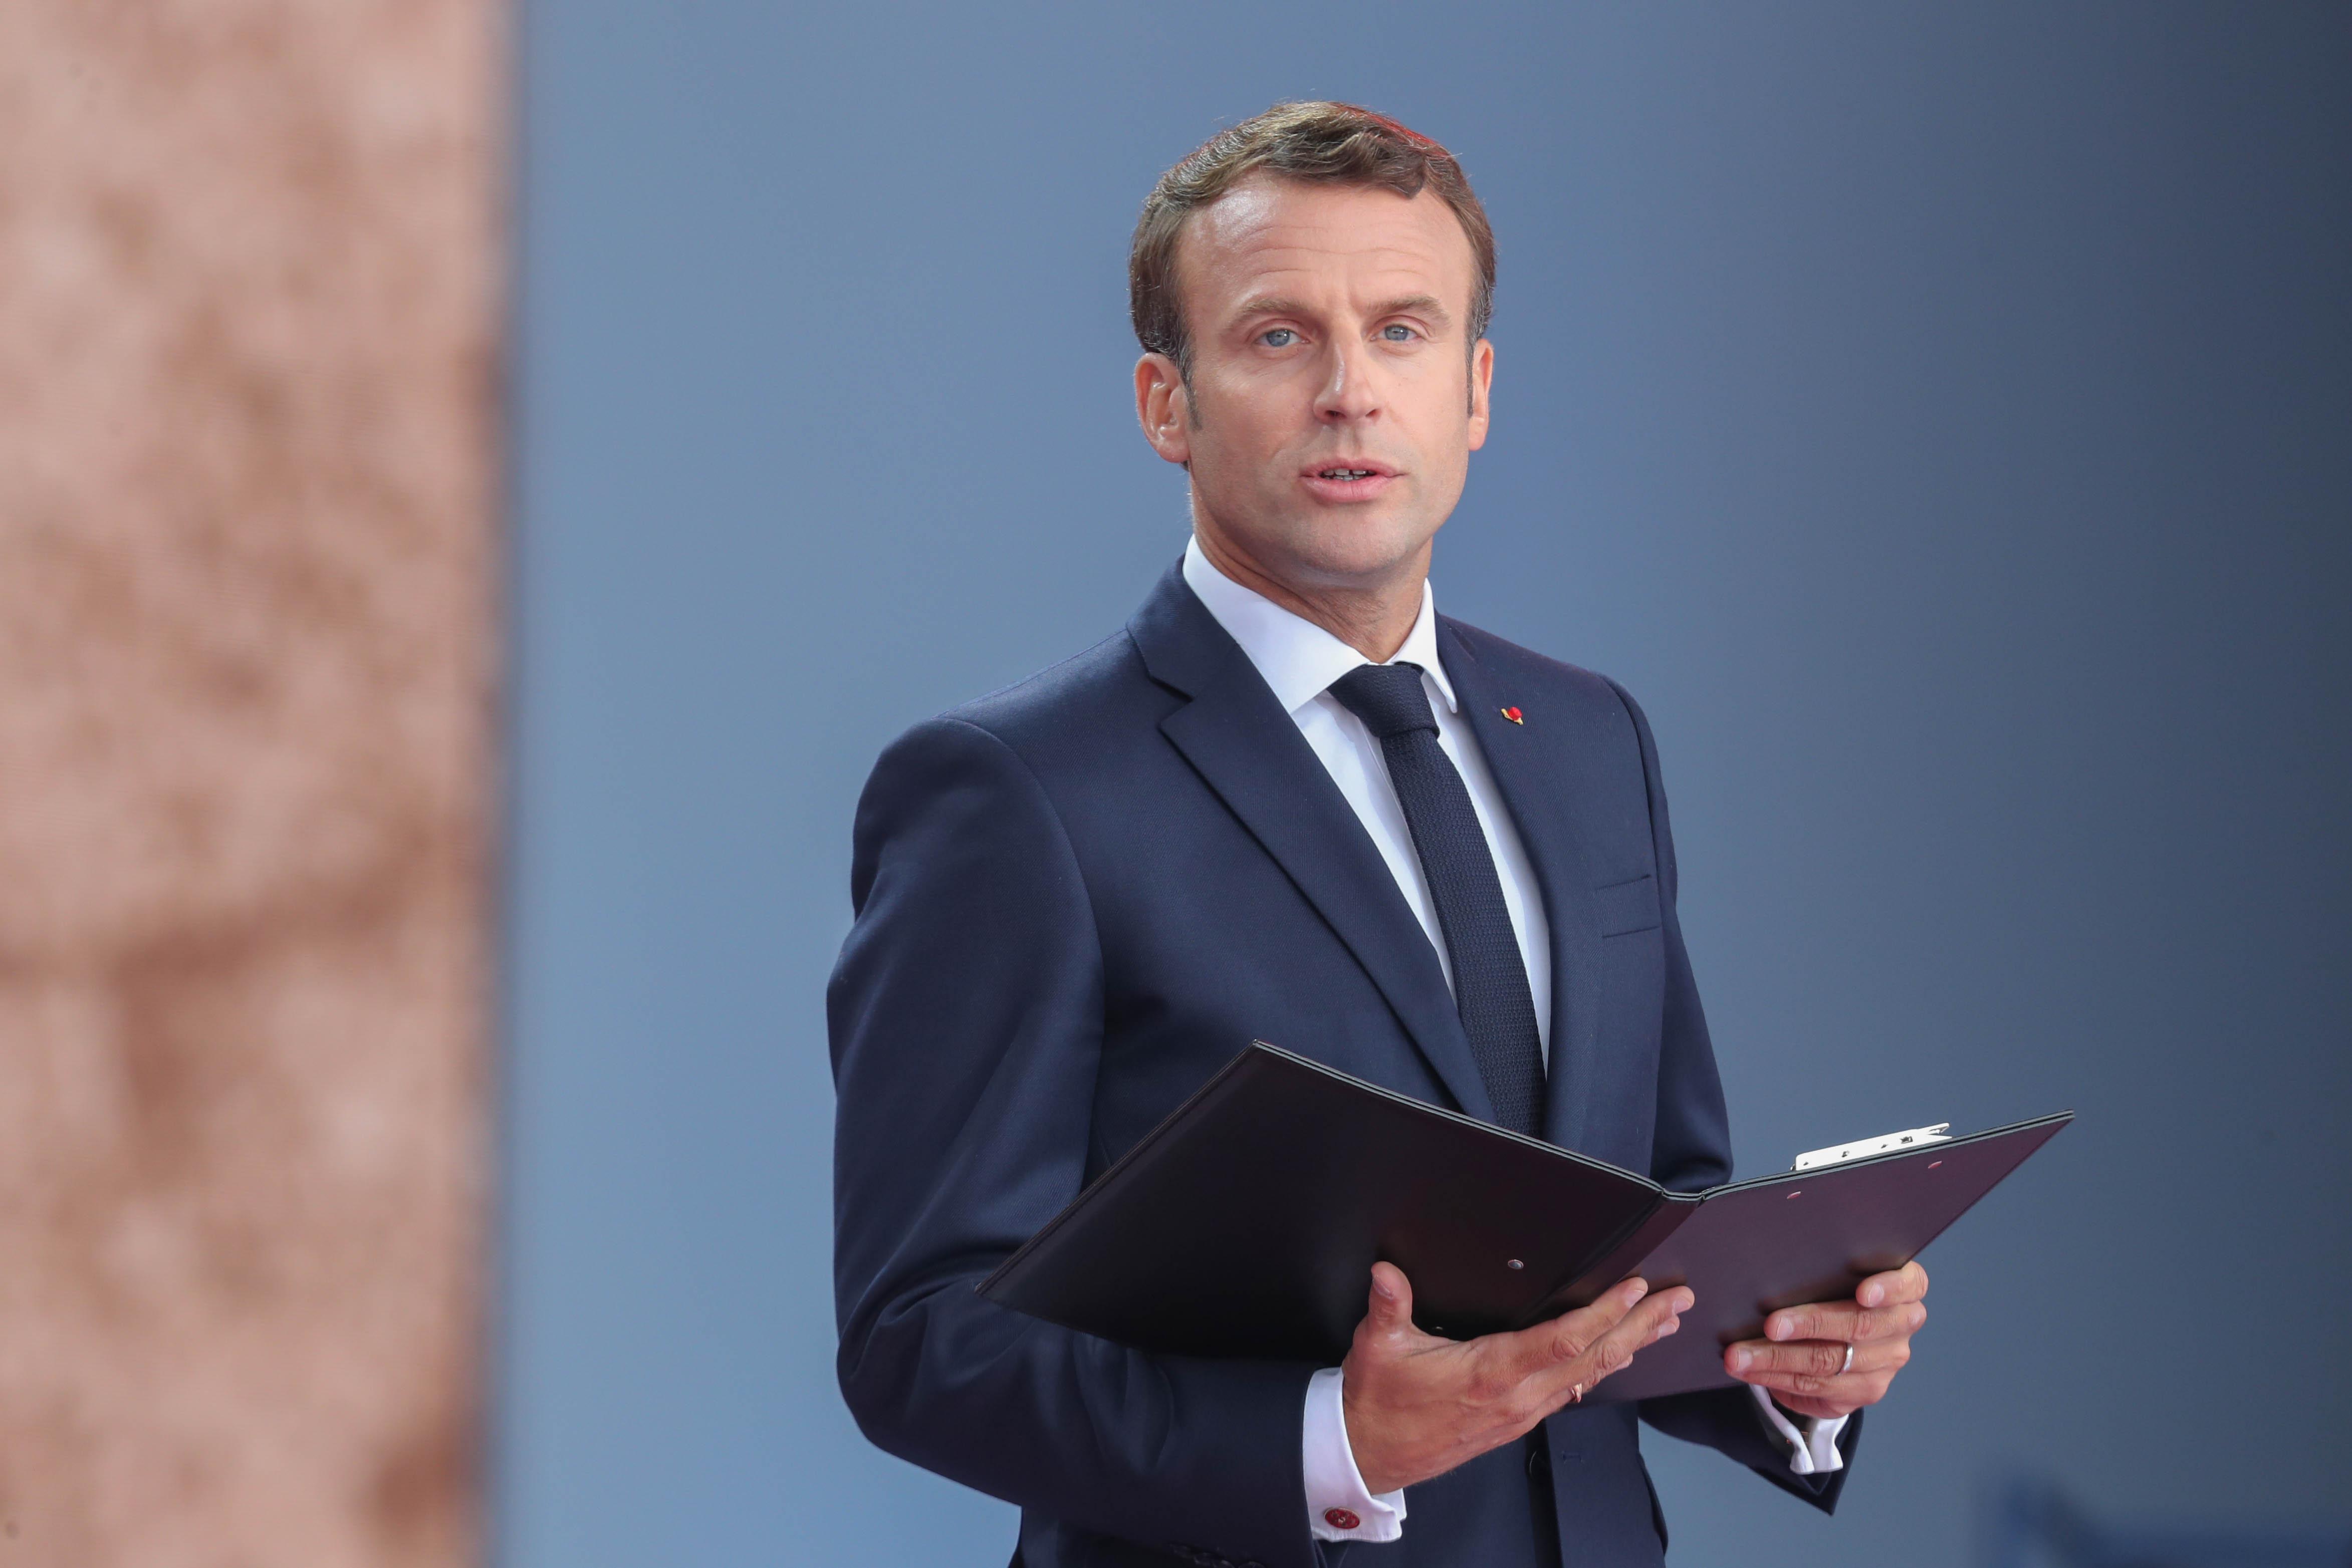 """""""Модният пакт"""" е представено от френския президент Еманюел Макрон споразумение по време на тазгодишната среща на Г-7 в Биариц, което той развива съвместно с конгломерата Kering. По данни на Макрон, 32 компании или около 150 бранда вече участват в единствената по рода си инициатива, чиято надежда е да обедини най-големите имена в модата, много от които са конкуренти помежду си, в една голяма цел - устойчивост на модната индустрия."""